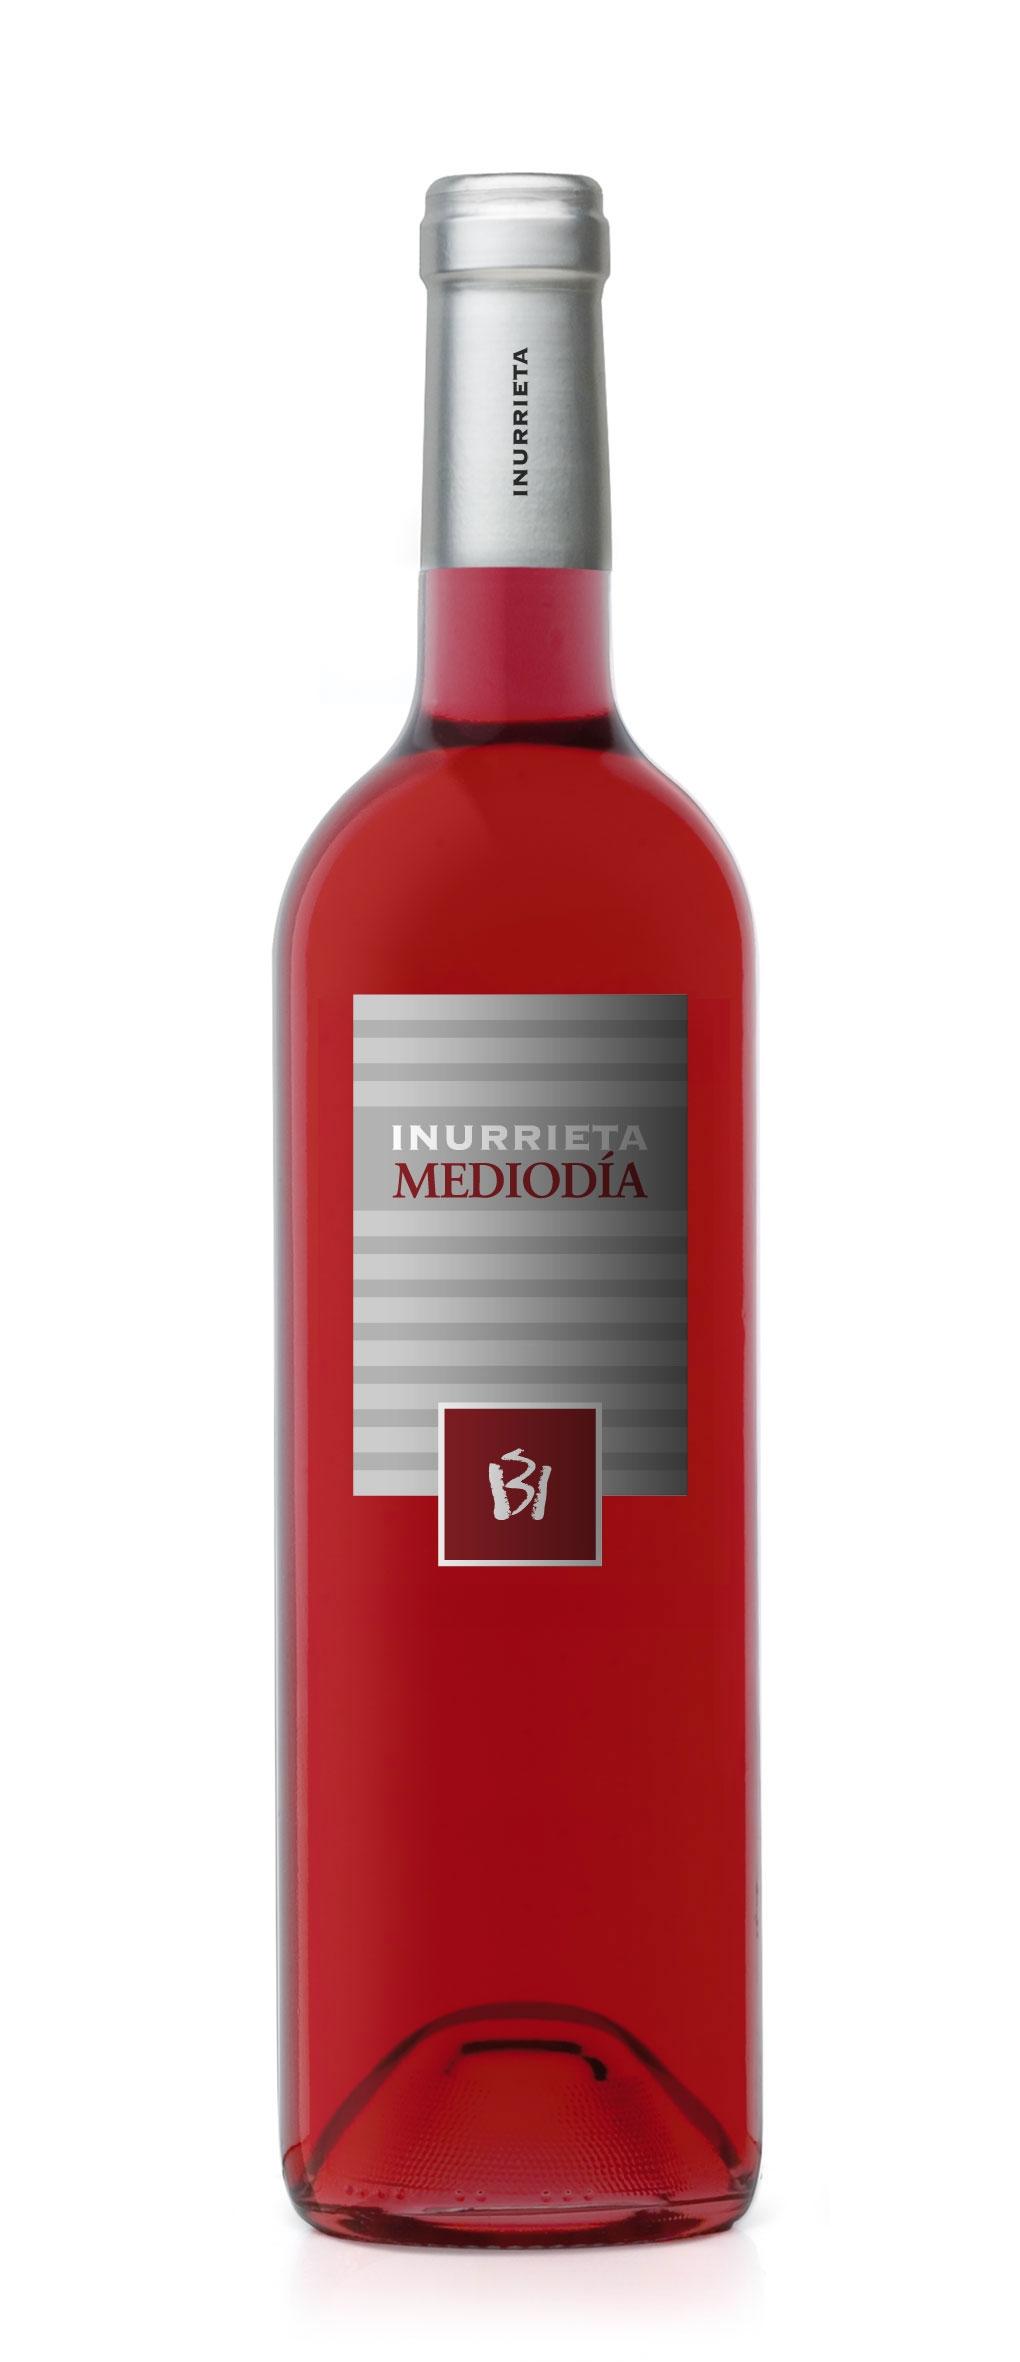 inurrieta mediodia vino rosado